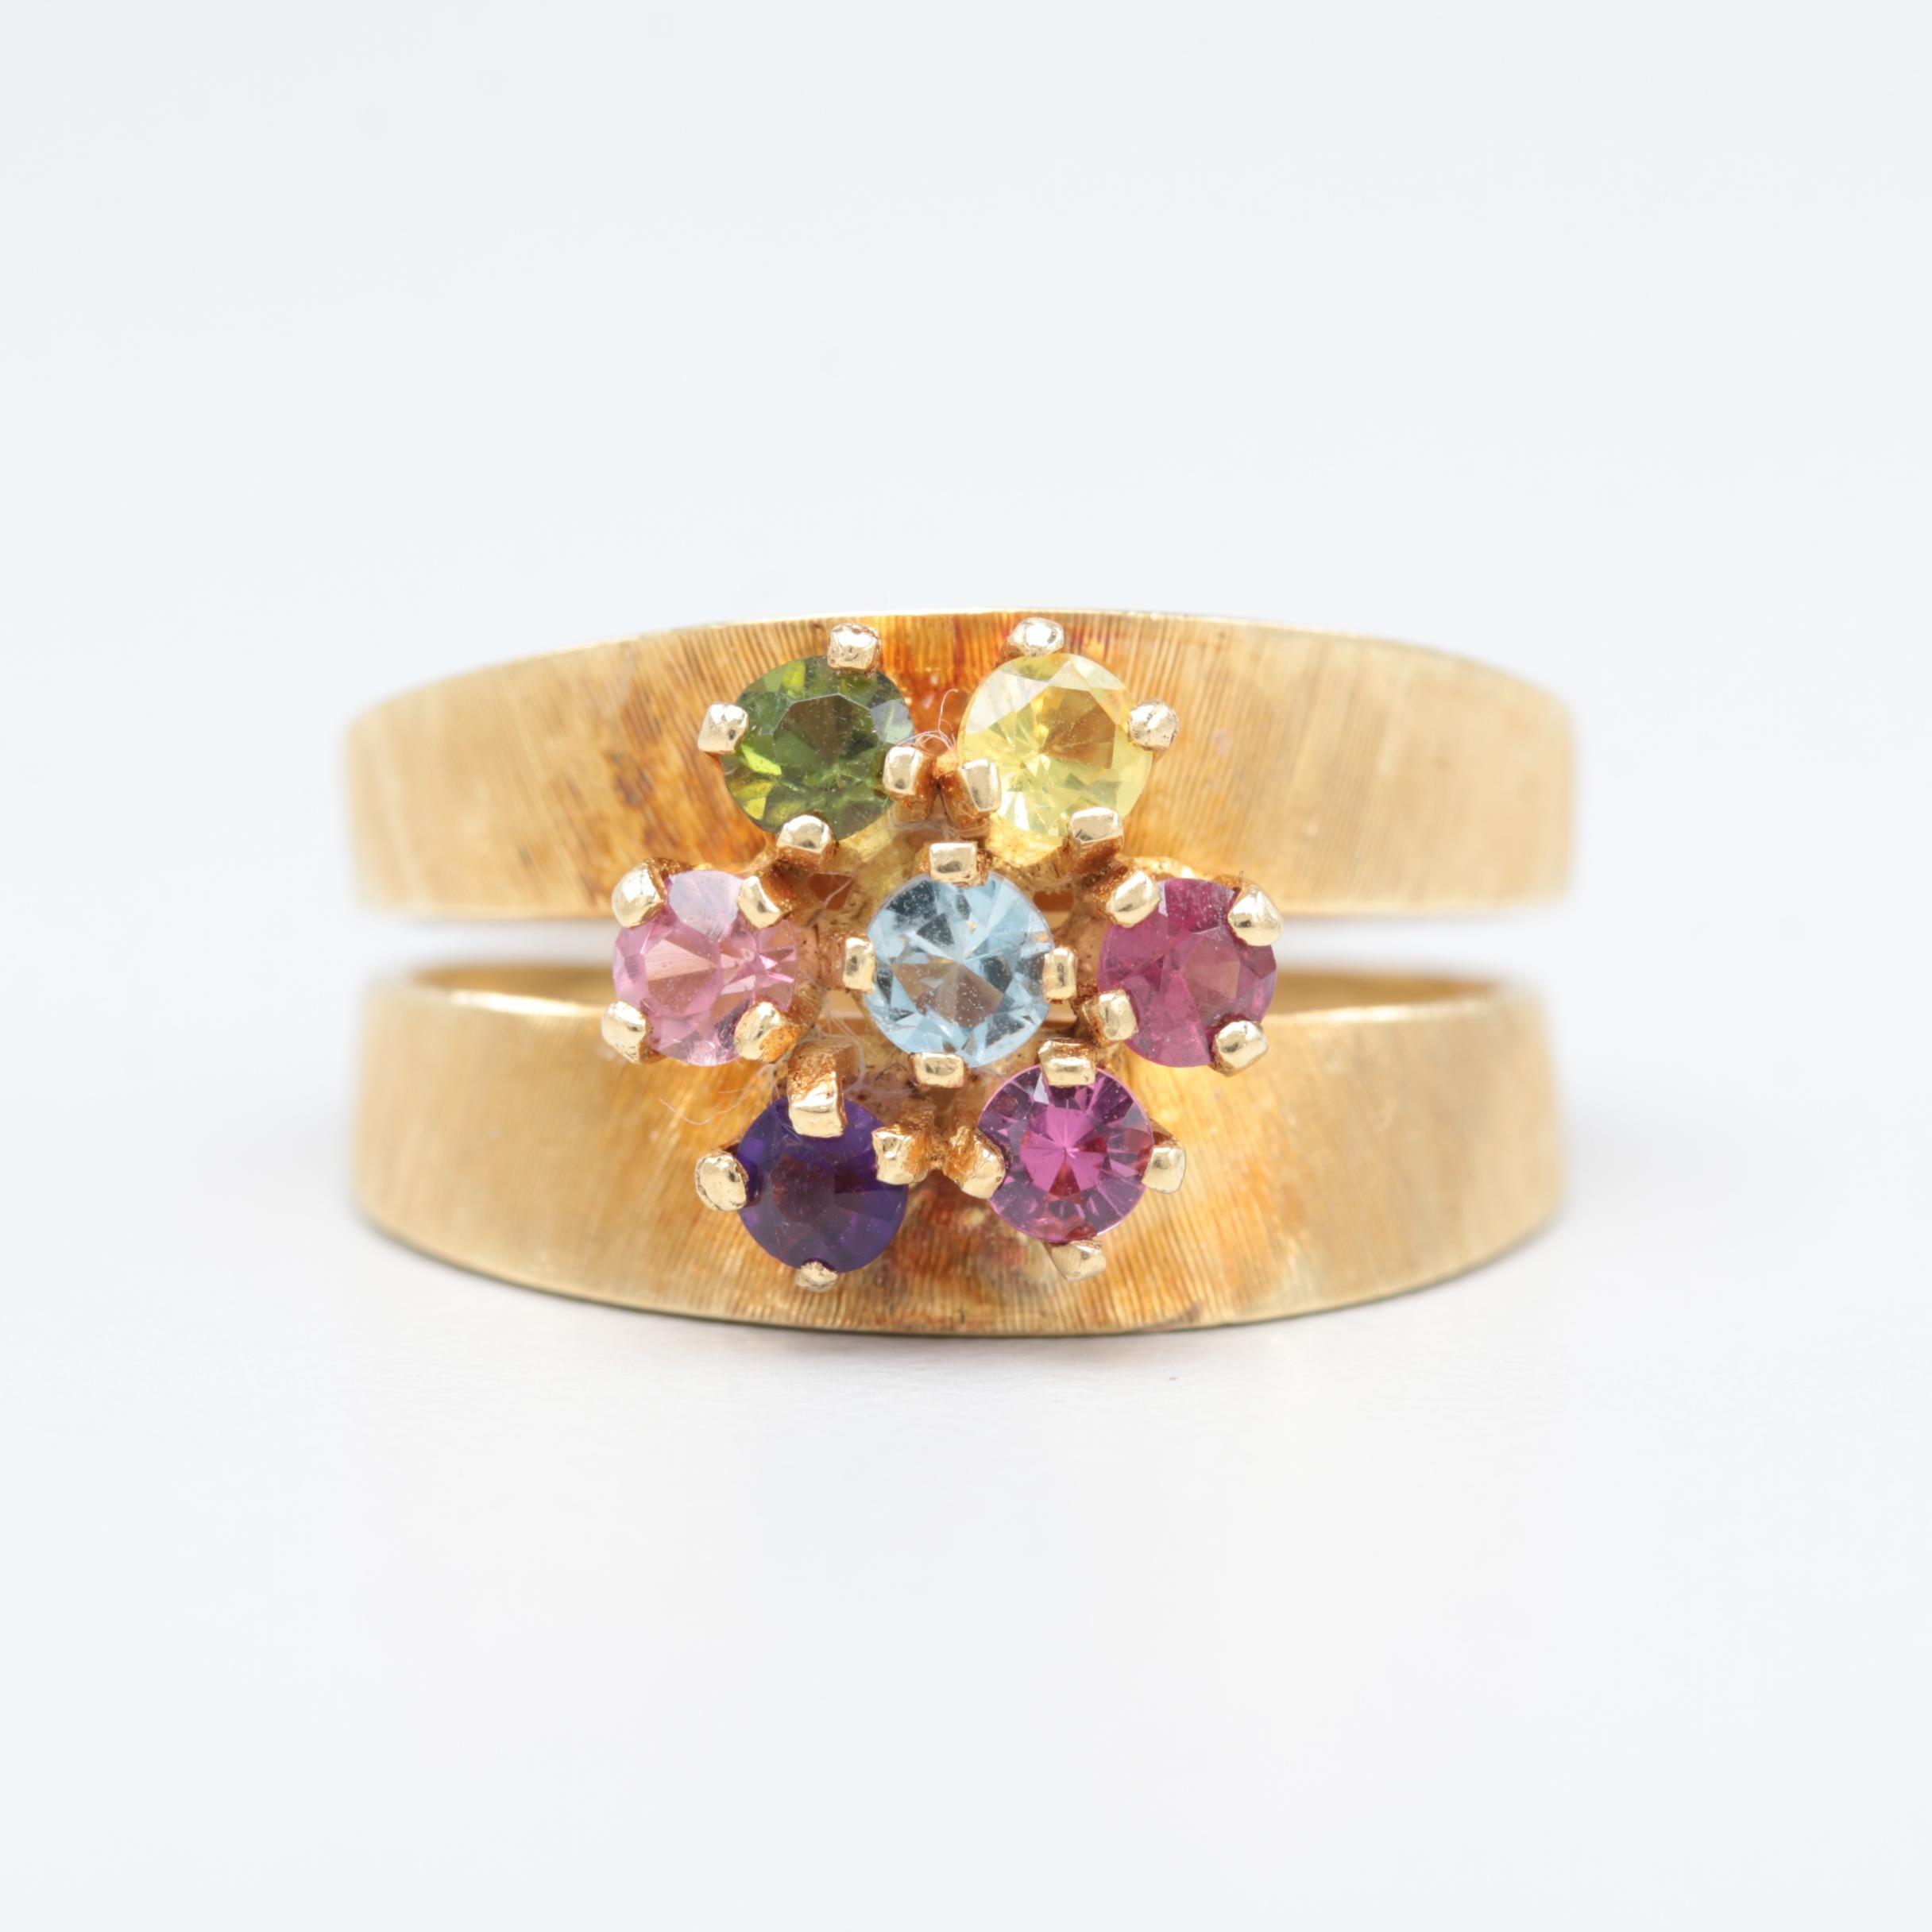 18K Yellow Gold Aquamarine, Yellow Sapphire and Gemstone Ring